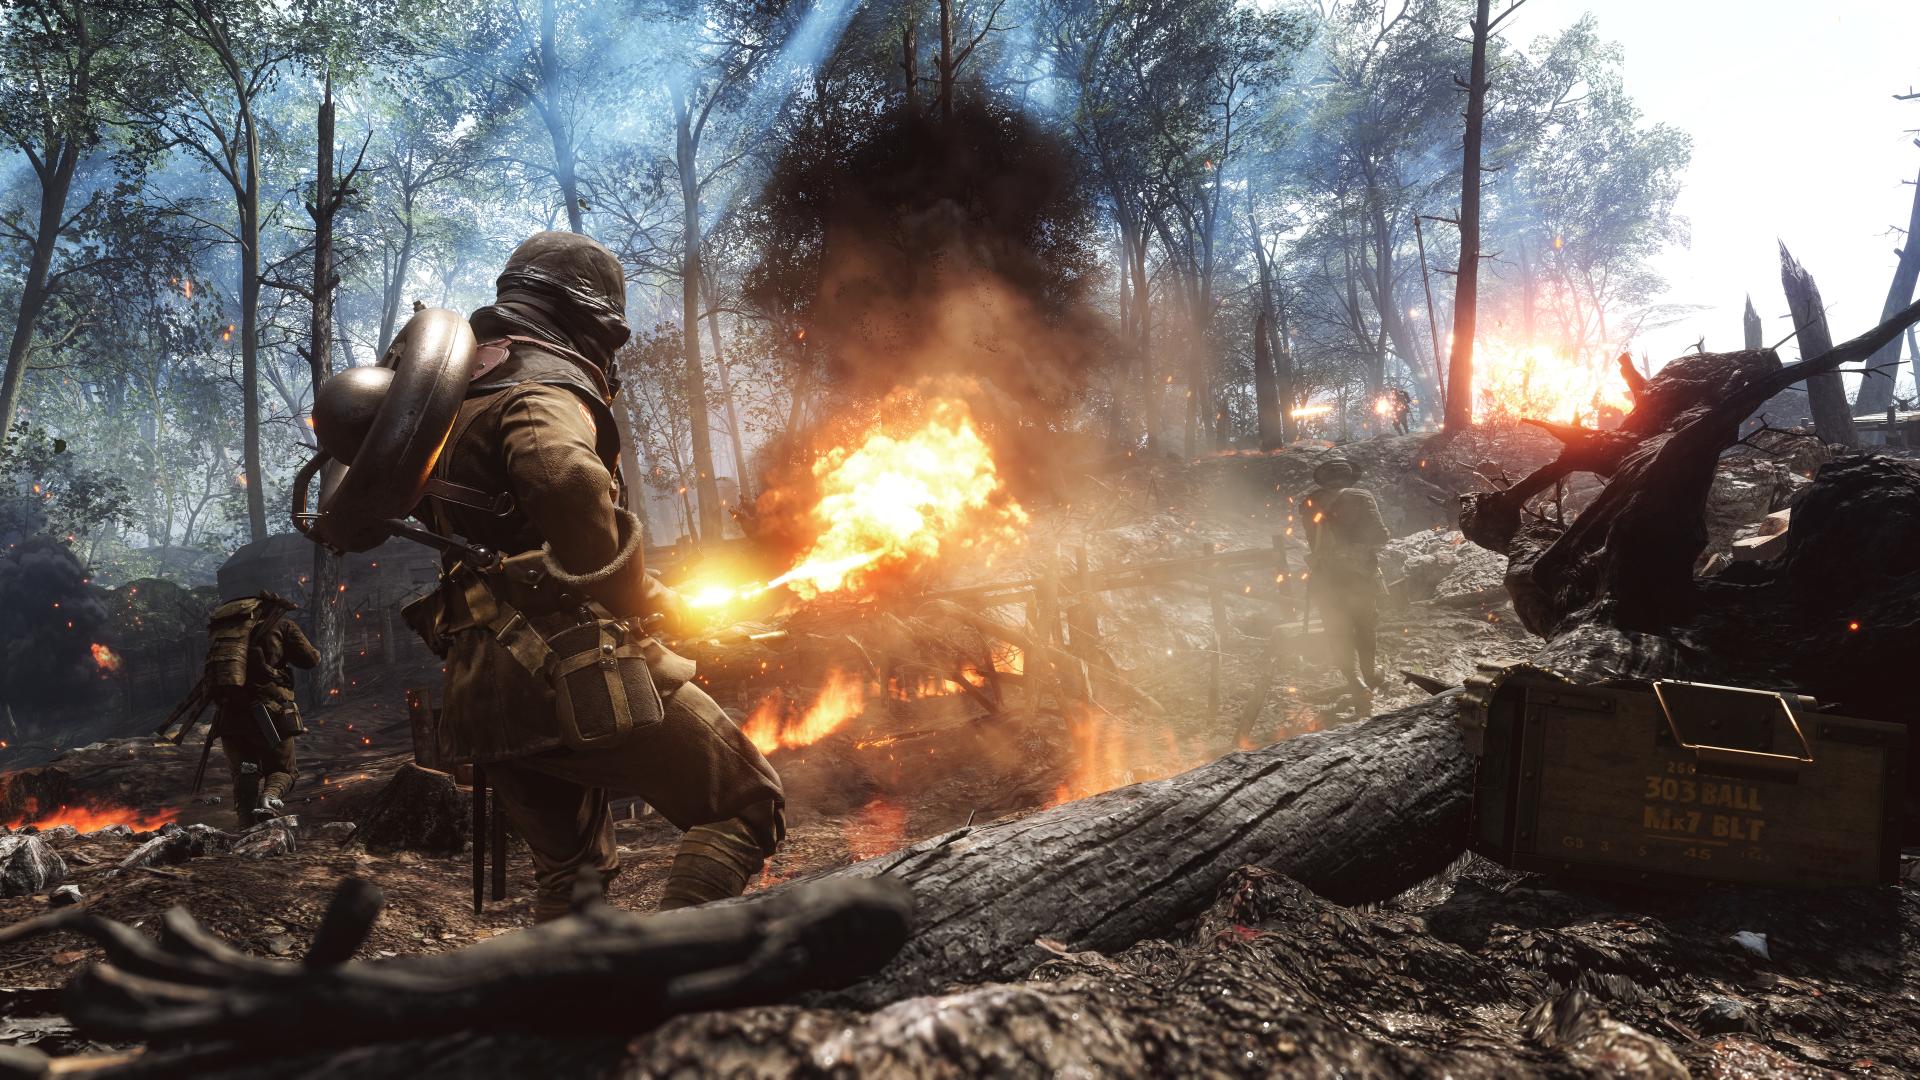 Cool Battlefield 4 Fire Armor In Black Background: Battlefield 1 4k Ultra HD Wallpaper